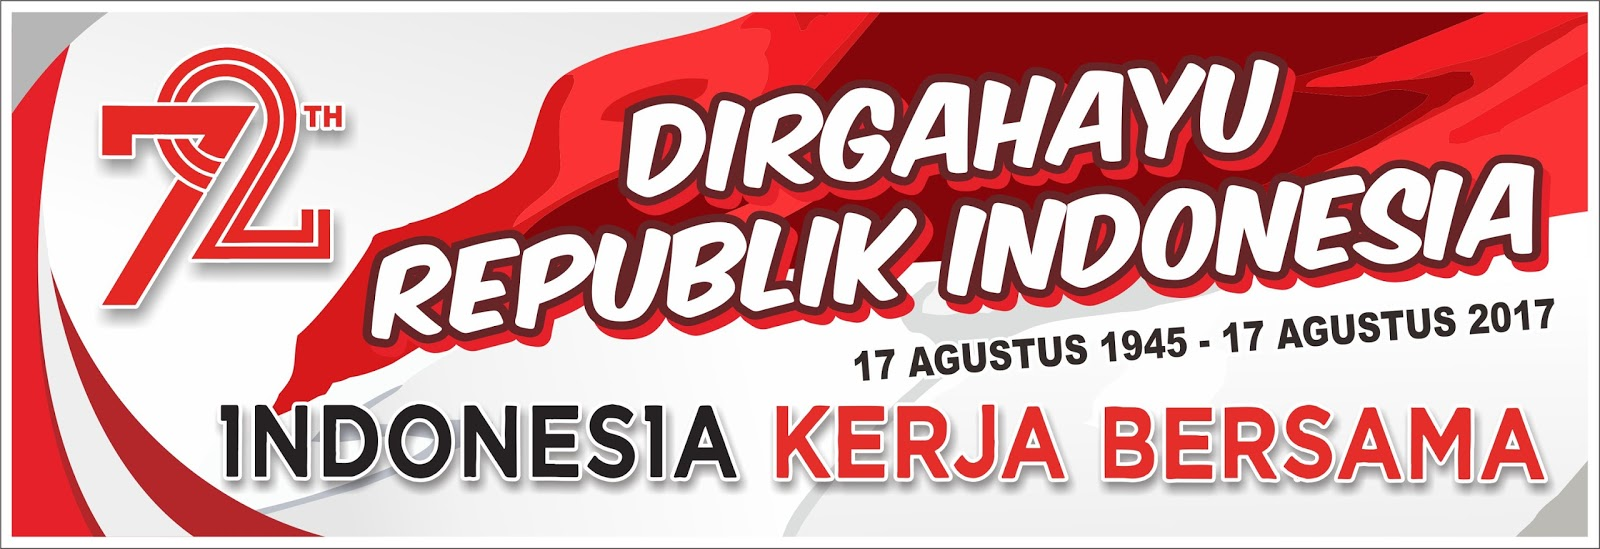 Bulan Agustus Telah Tiba Bulan Dimana Negara Kita Ini Berulang Tahun Bagi Anda Yang Membutuhkan Desain Spanduk Dirgahayu Republik Indonesia Yang Ke